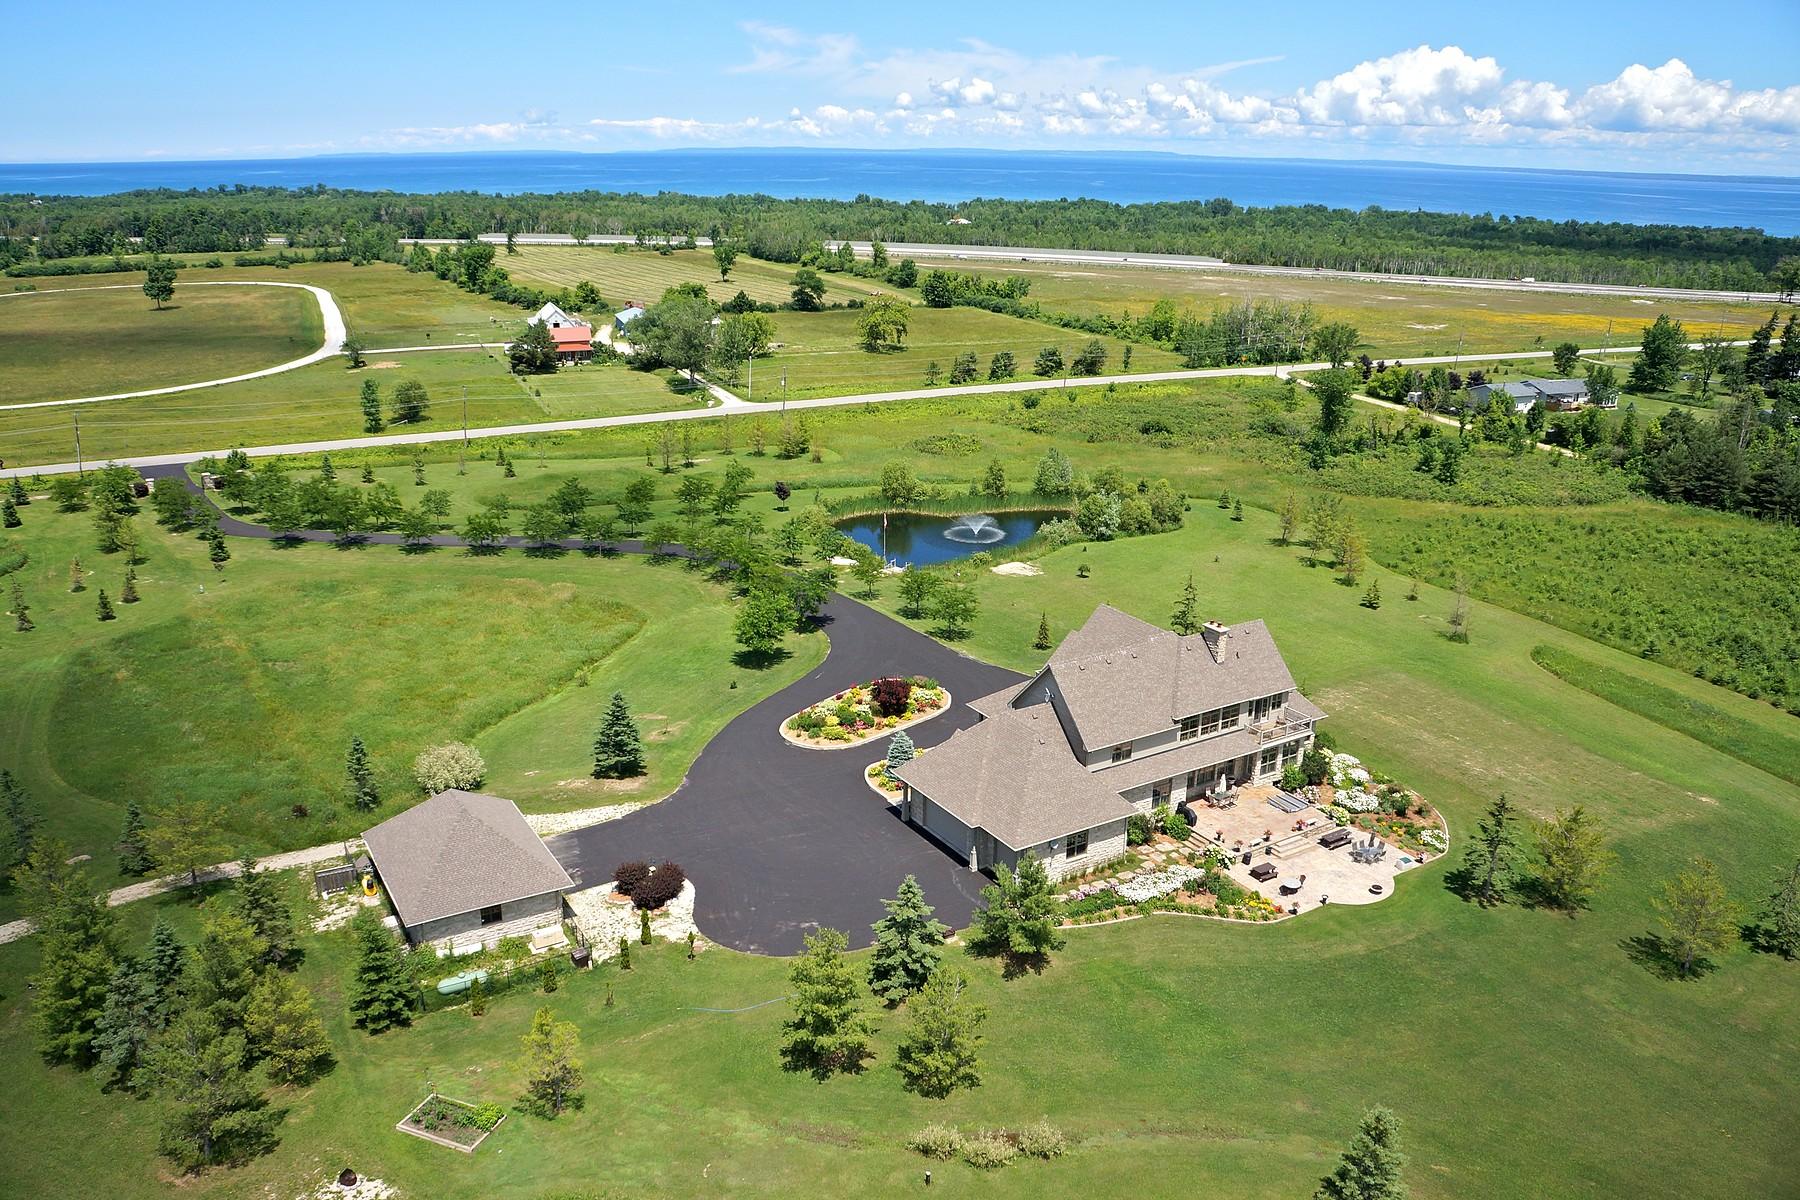 Casa Unifamiliar por un Venta en Country Estate 6827 Nottawa Side Road East Collingwood, Ontario L0M1P0 Canadá